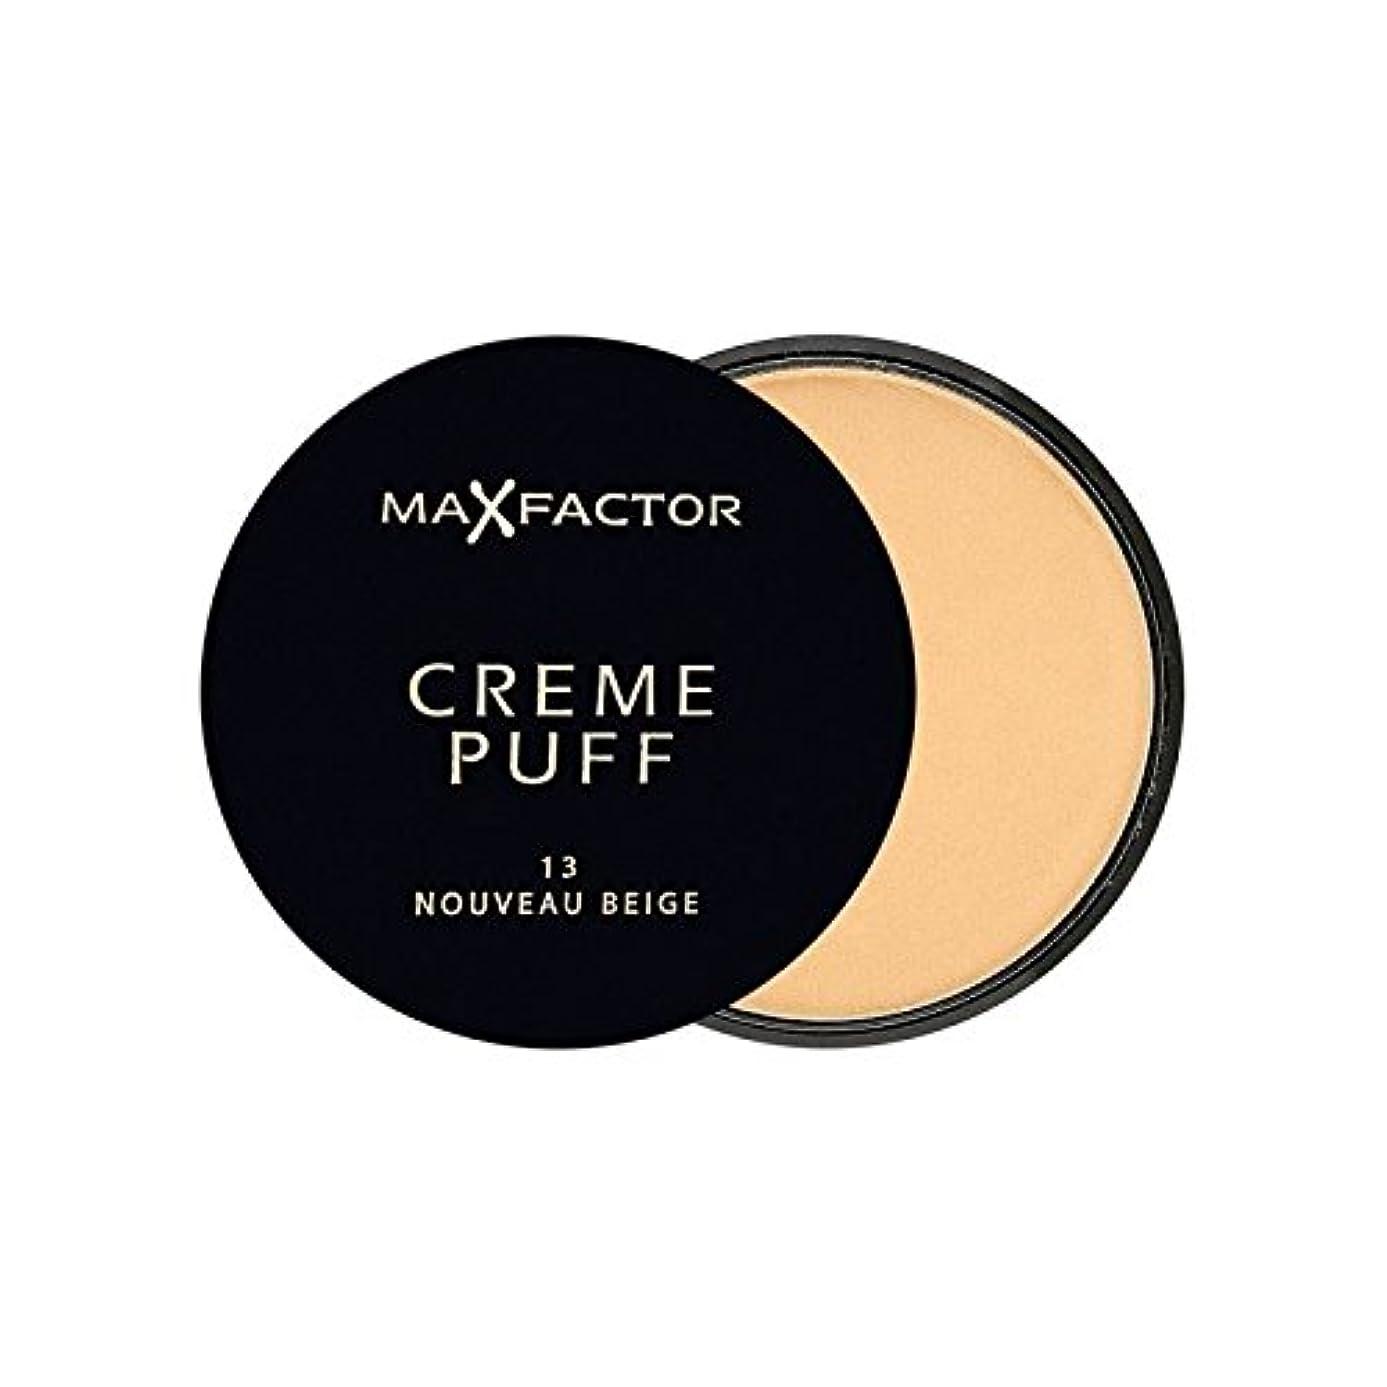 シーケンス刺繍デザイナーマックスファクタークリームパフ粉末コンパクトヌーボーベージュ13 x2 - Max Factor Creme Puff Powder Compact Nouveau Beige 13 (Pack of 2) [並行輸入品]